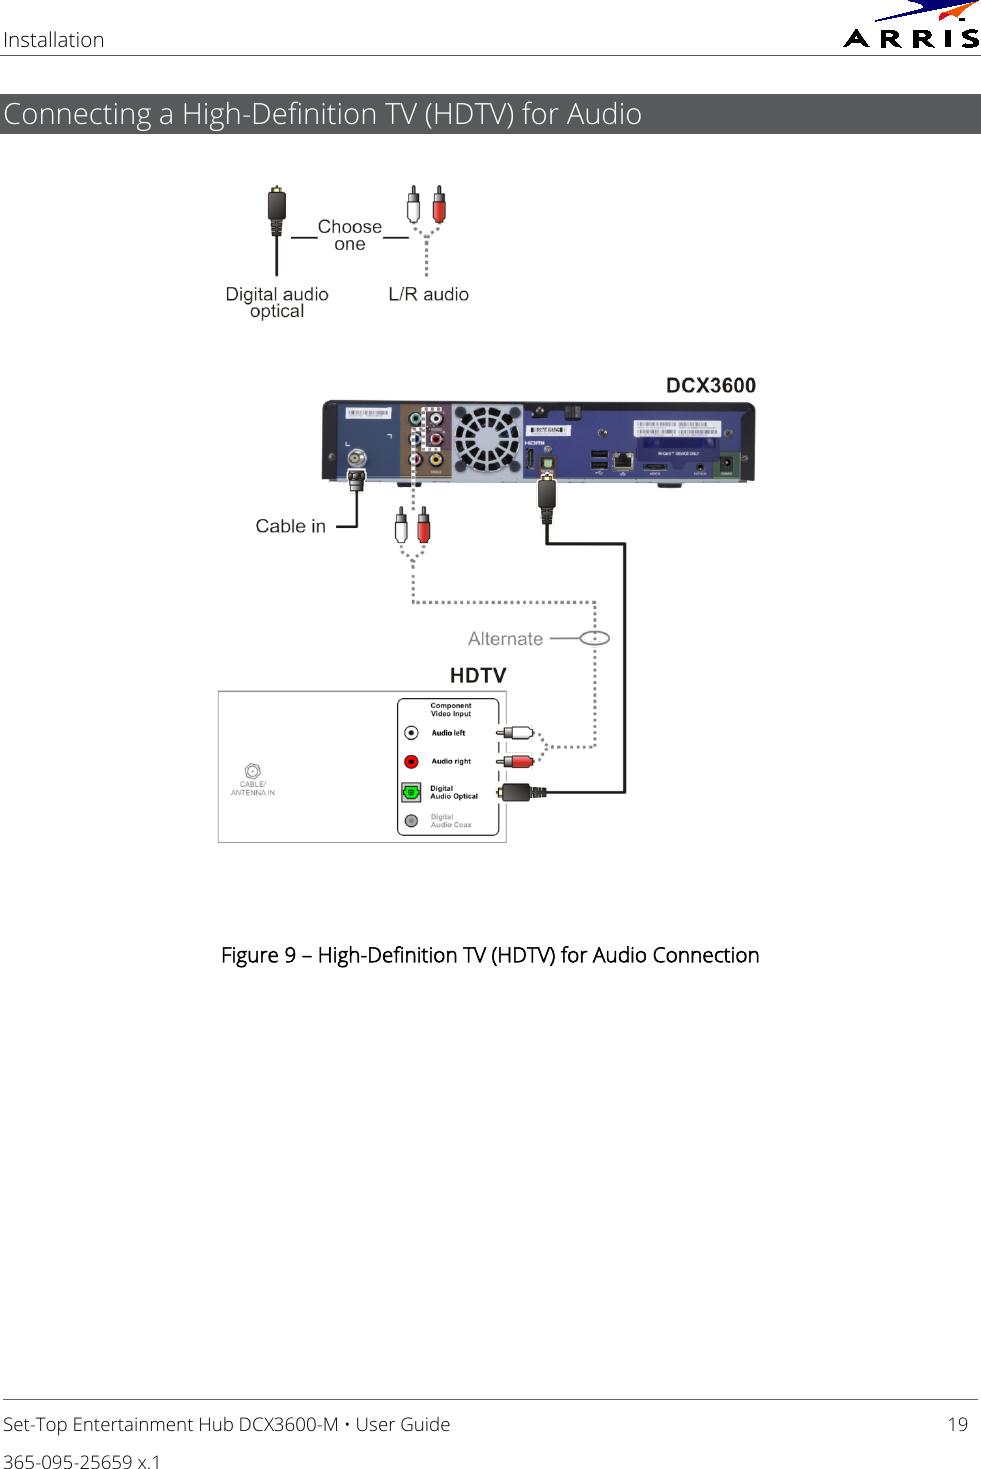 Arris DCX3600 Set Top Entertainment Hub User Manual DCX3600: Guide